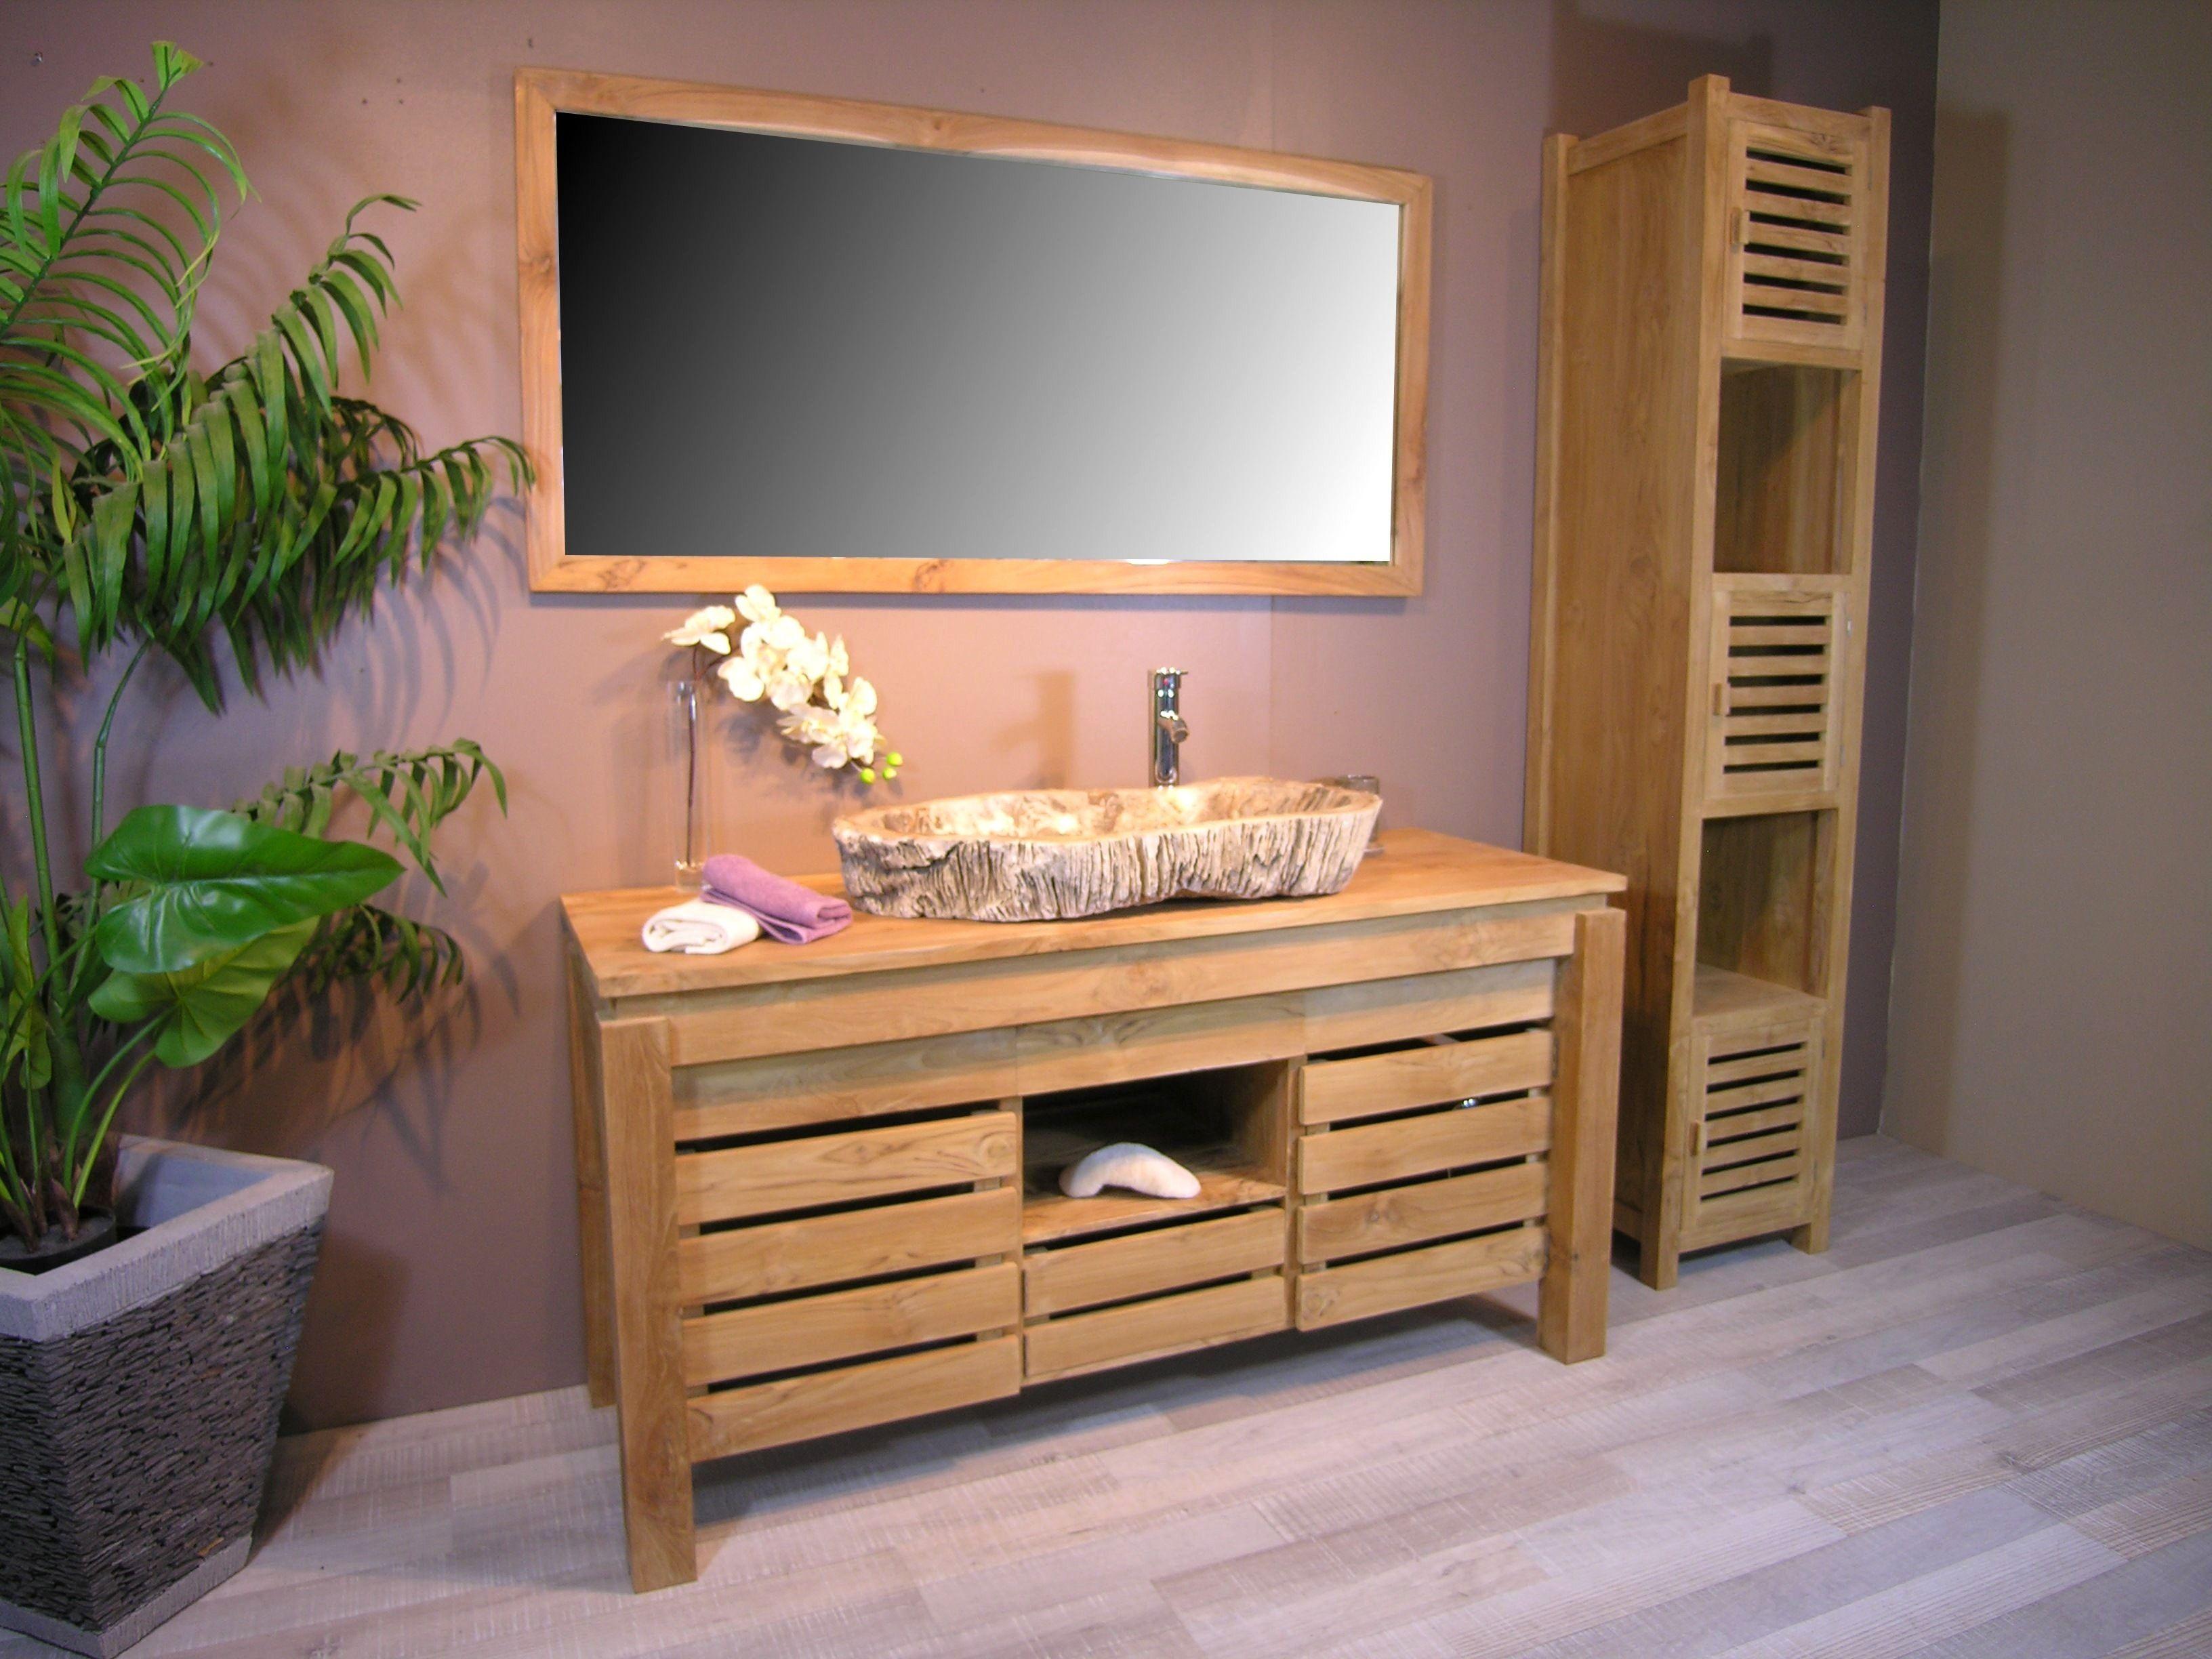 12 Ideal Meuble Palette Salle De Bain Pics Meuble Salle De Bain Salle De Bain Teck Meuble Salle De Bain Pas Cher